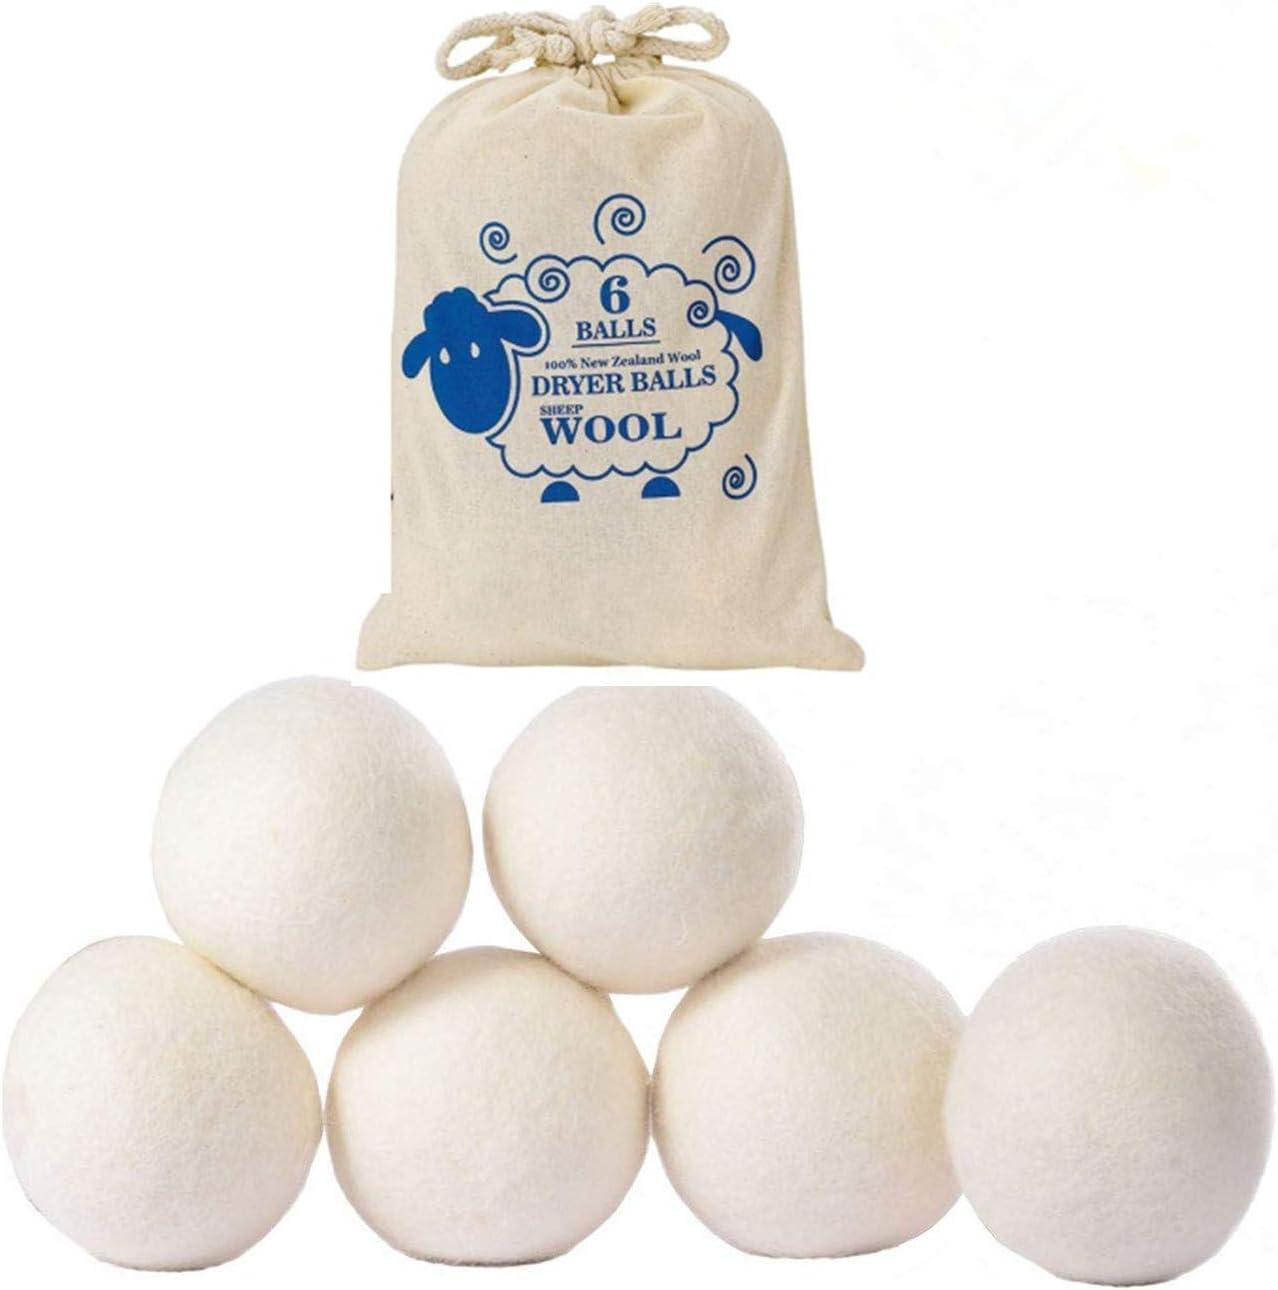 Bolas de Secado,6 Pack Reutilizable Bolas Lana Secadora Natural Elimina la Bola de Lavandería Estática,Segura y sin Perfume Ahorra Tiempo de Secado y Reduce el Suavizante de Arrugas